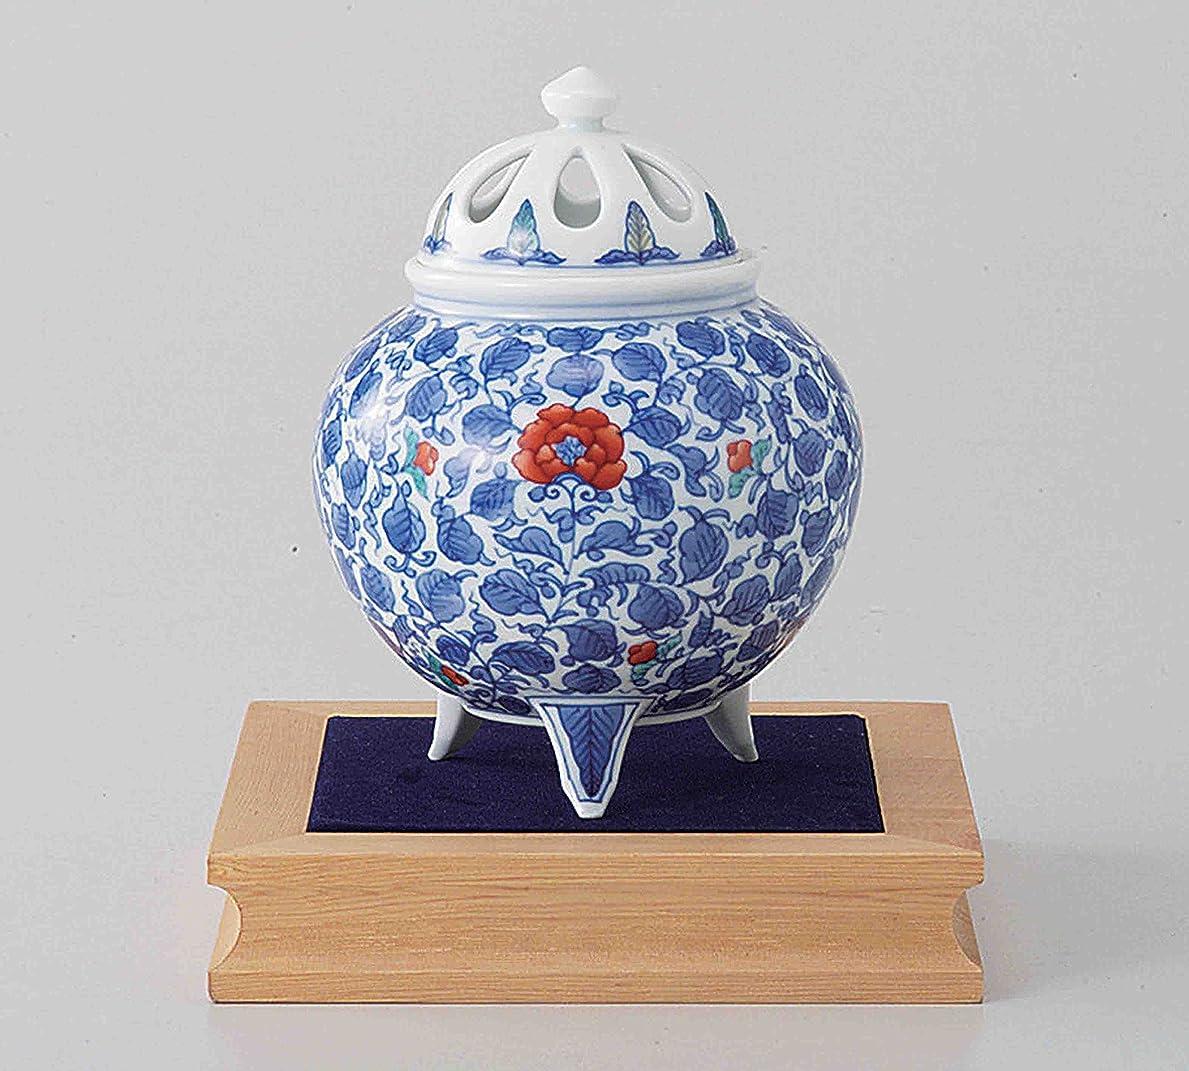 半径サイドボード投げる東京抹茶Selection?–?[プレミアム] Arita Porcelain Cencer : Arabesque?–?Incense BurnerホルダーWベース&ボックス日本から[ EMSで発送標準: withトラッキング&保険]